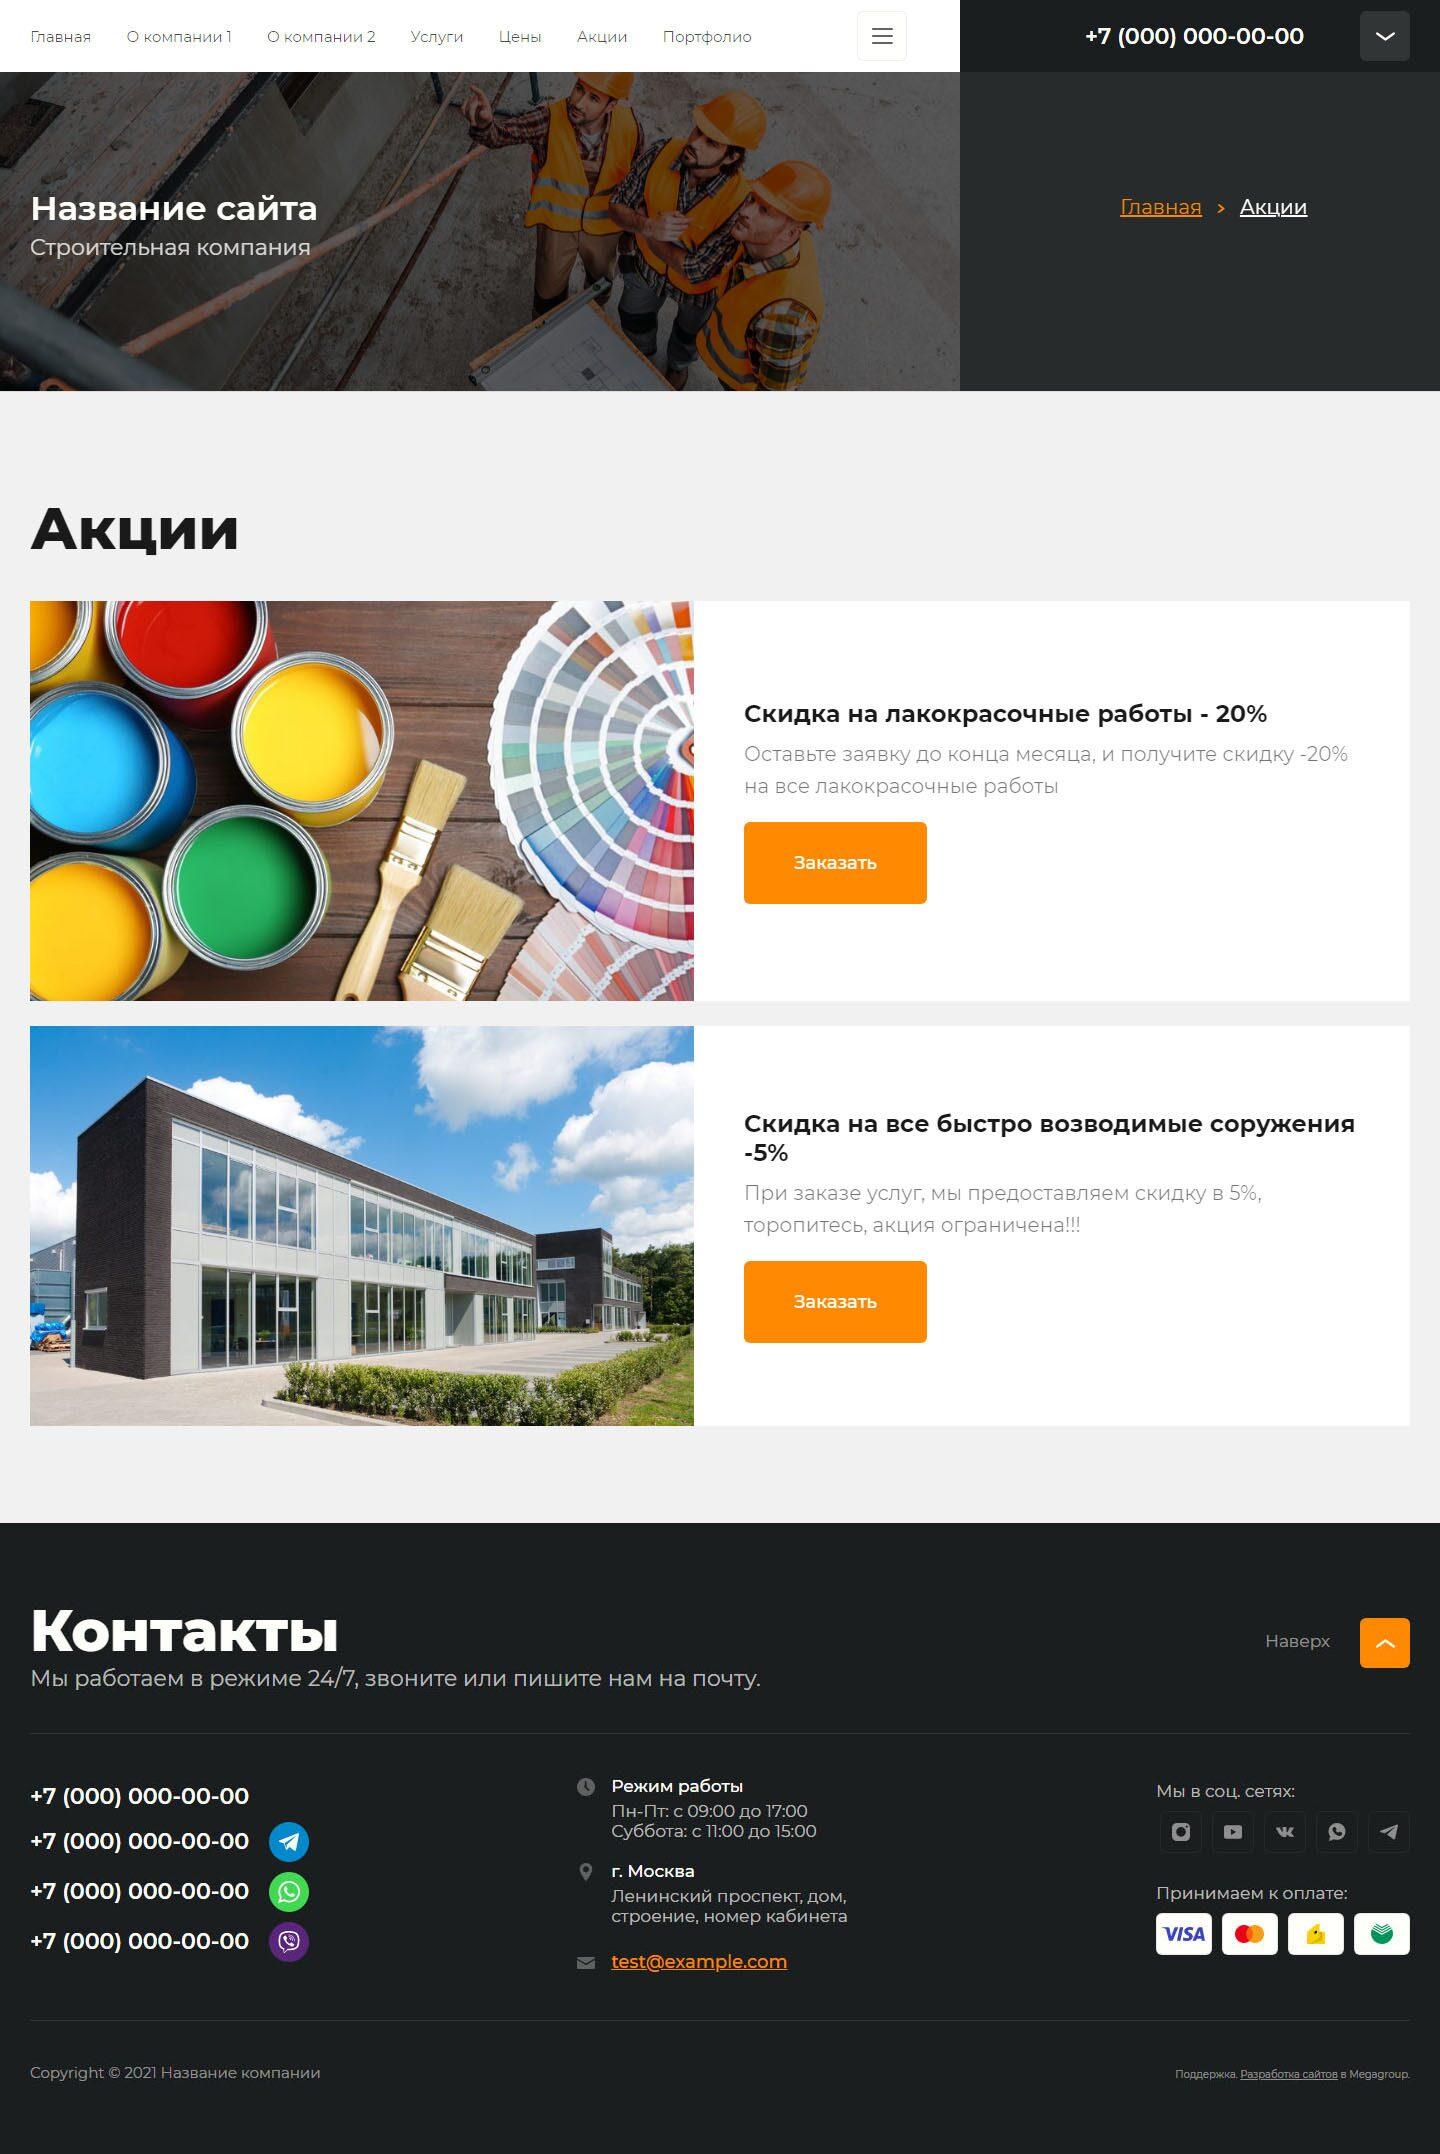 Готовый Сайт-Бизнес #3013170 - Строительные услуги (Акции)